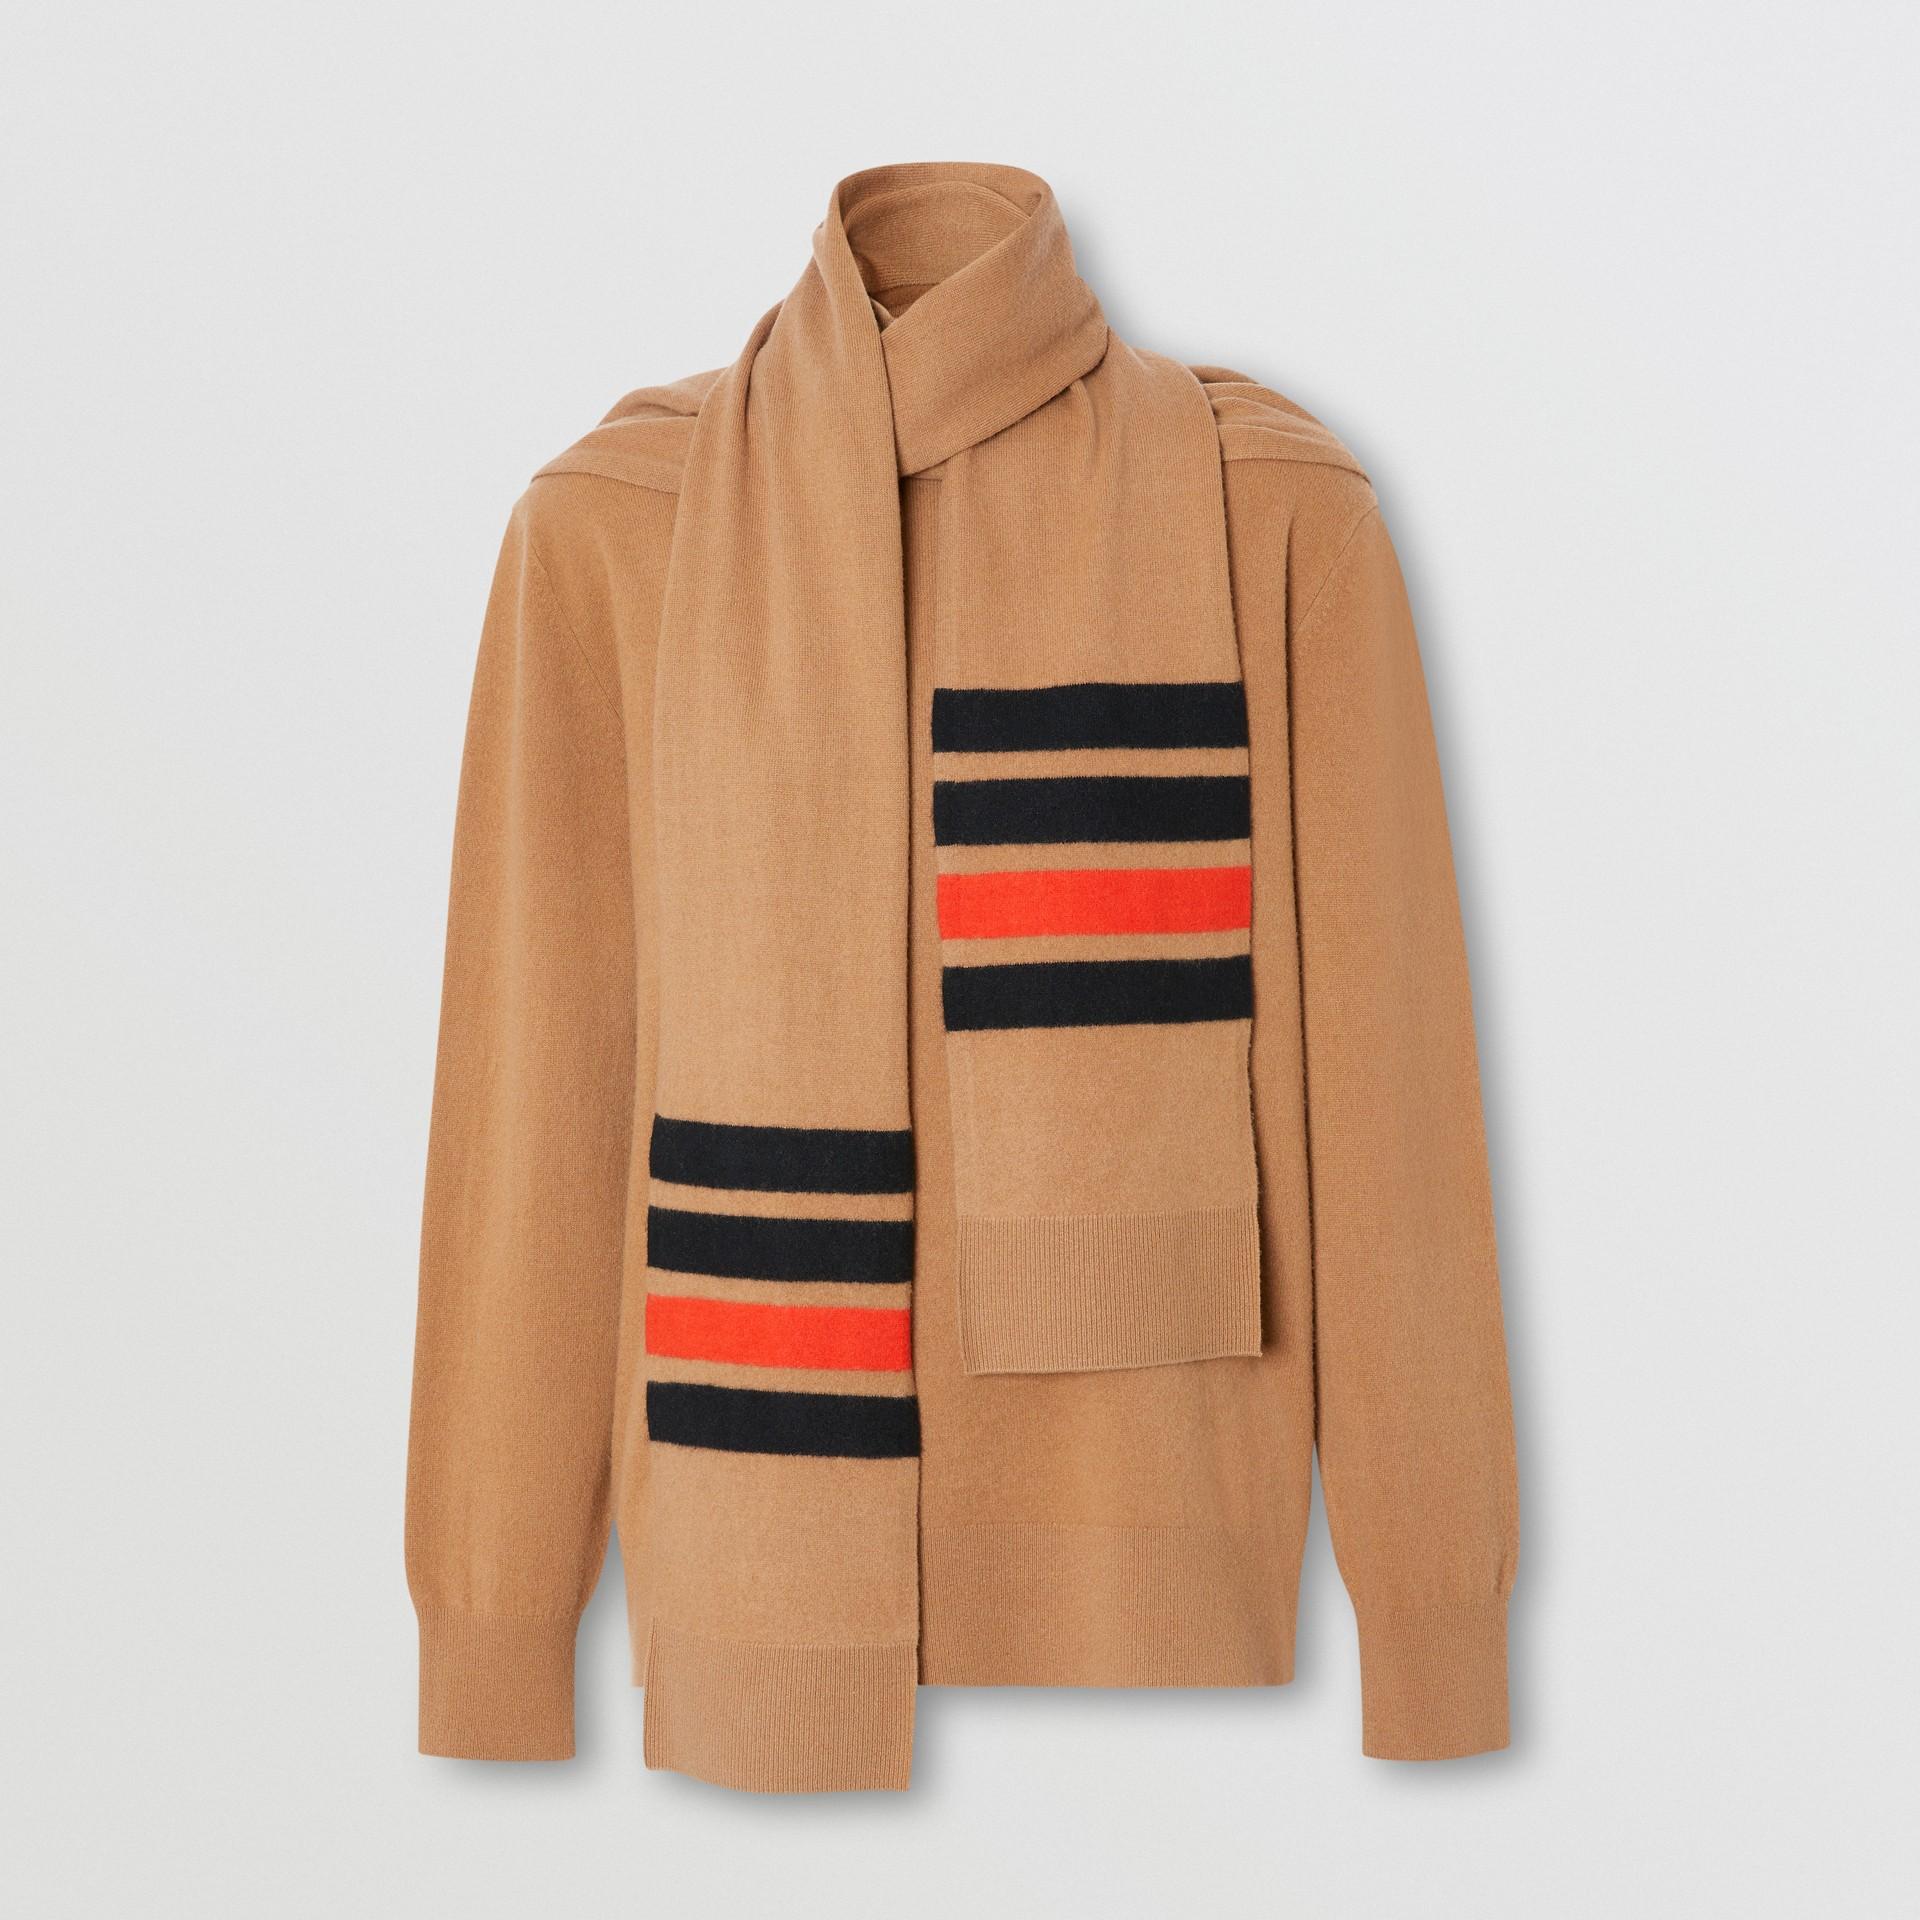 Pullover aus Merinowolle und Kaschmir mit Schal- und Streifendetail (Beige) - Damen | Burberry - Galerie-Bild 3